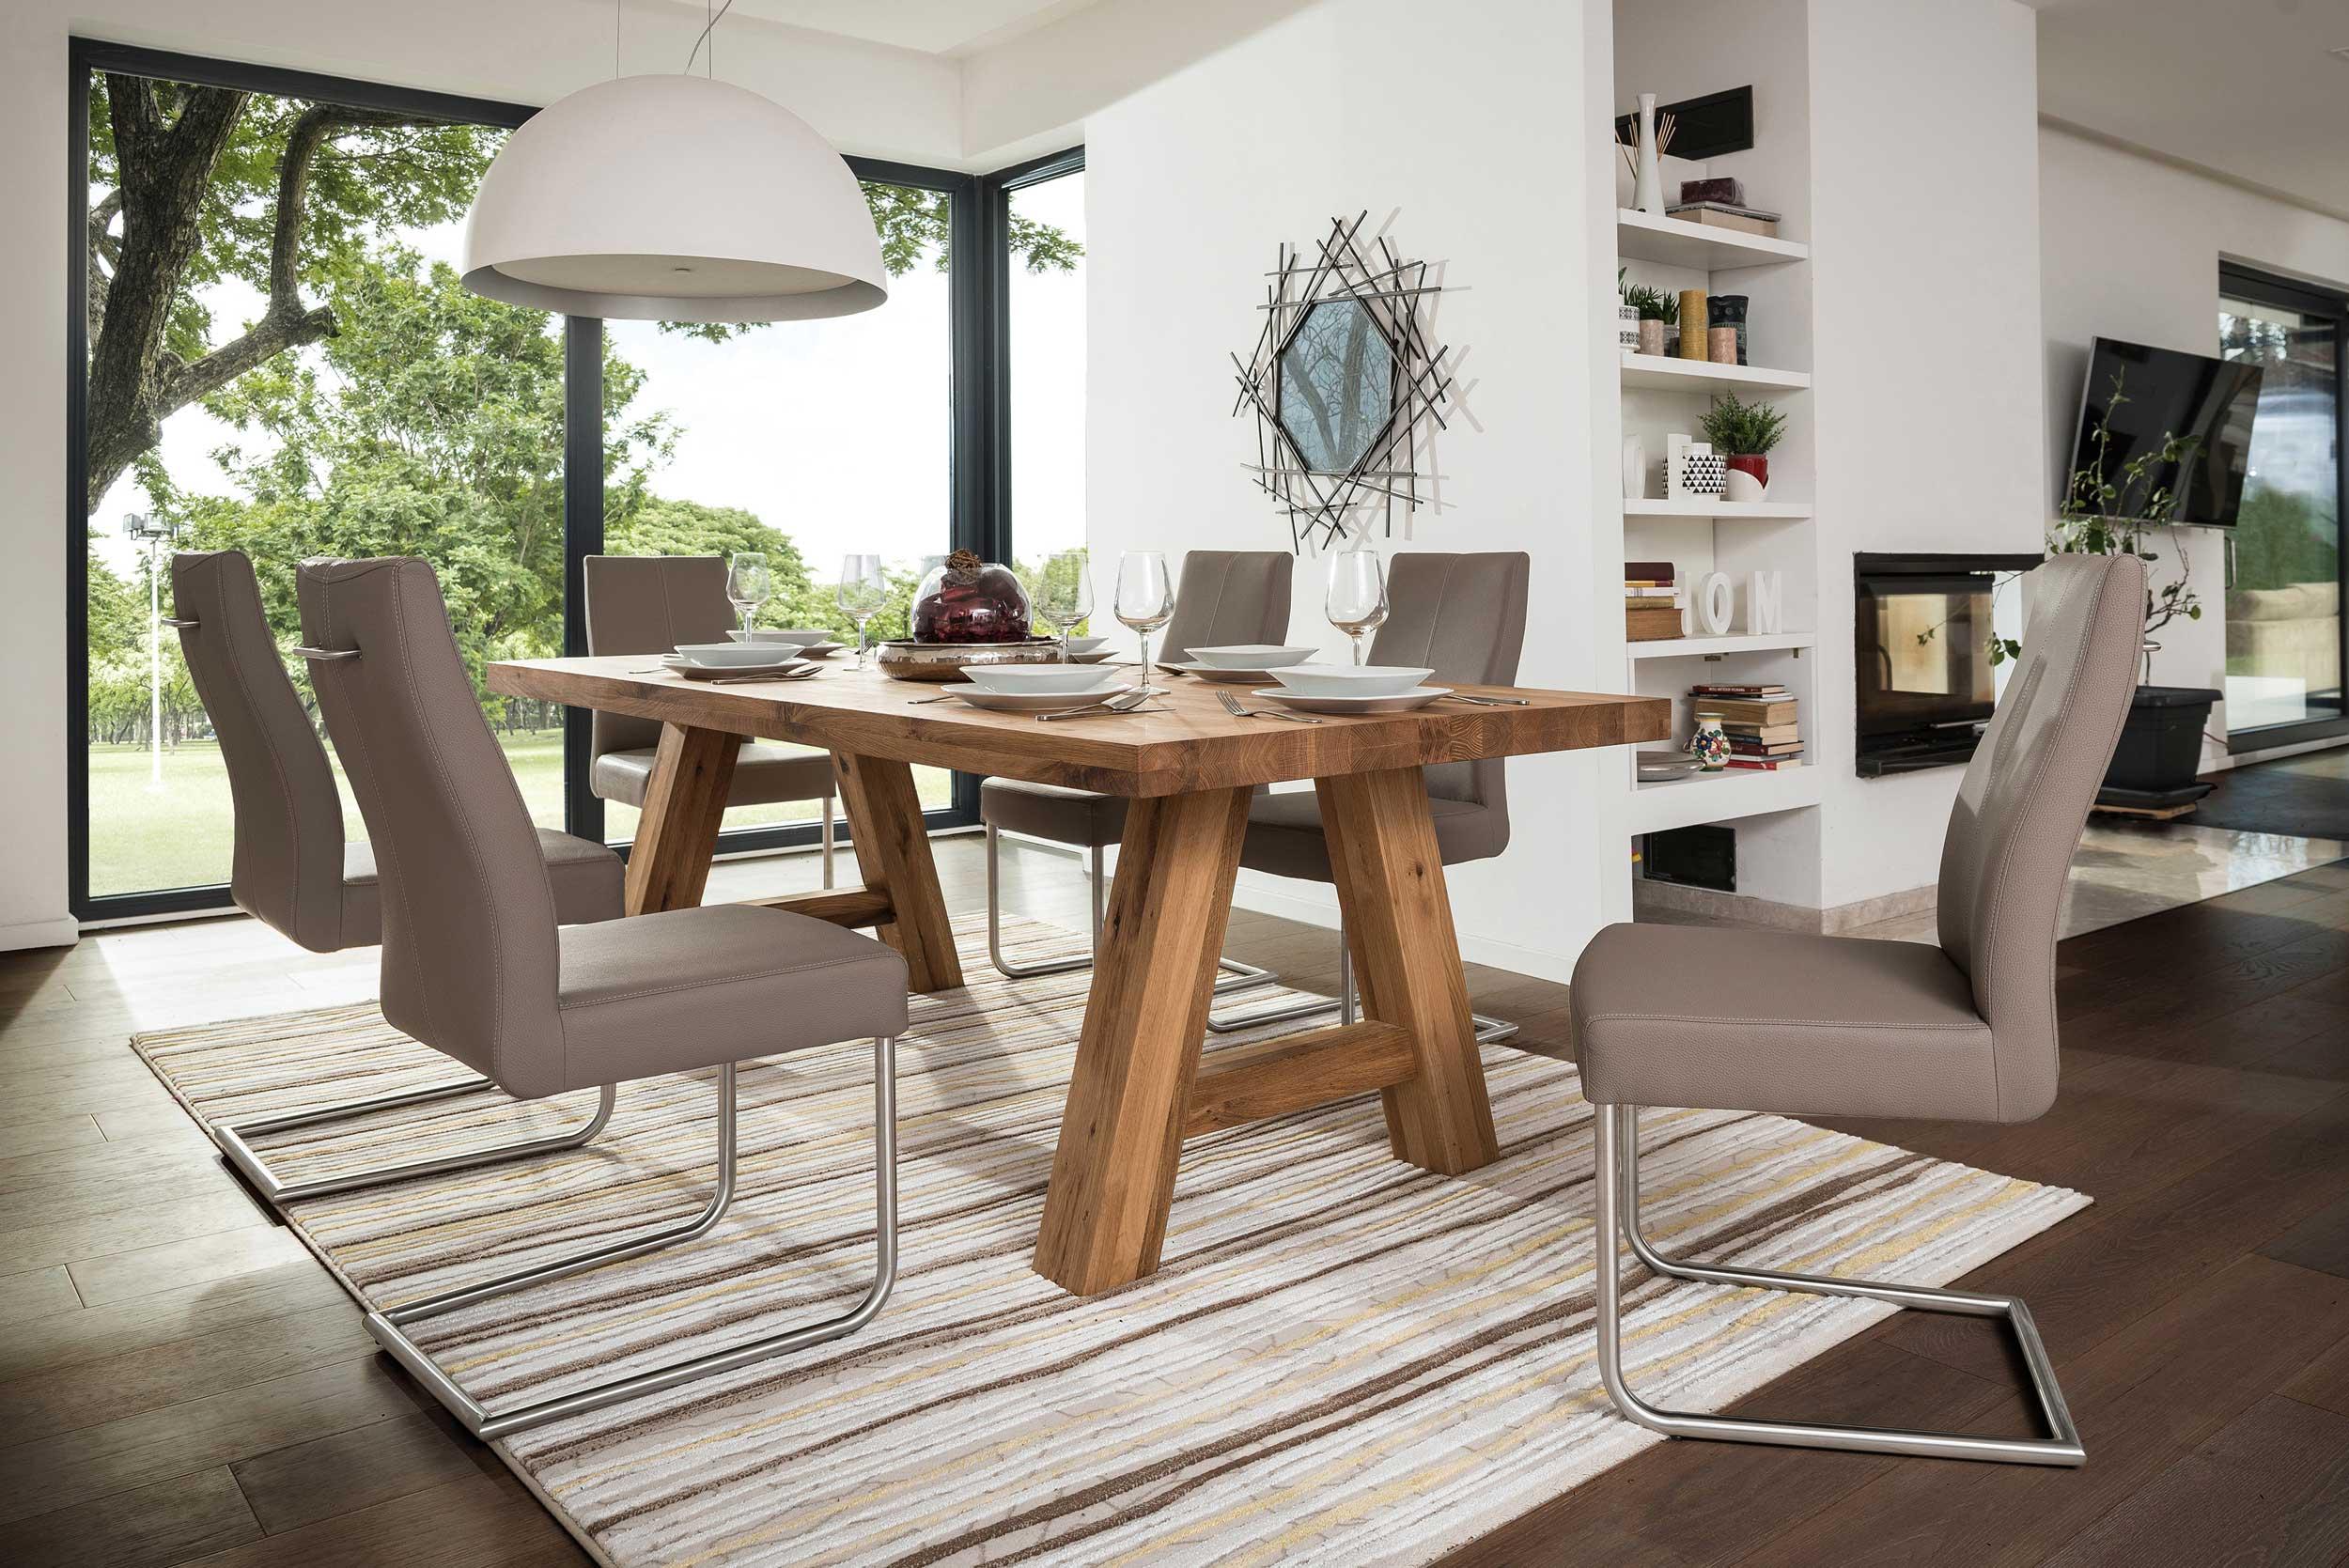 Standard Furniture Lynn Massivholztischh eiche geölt